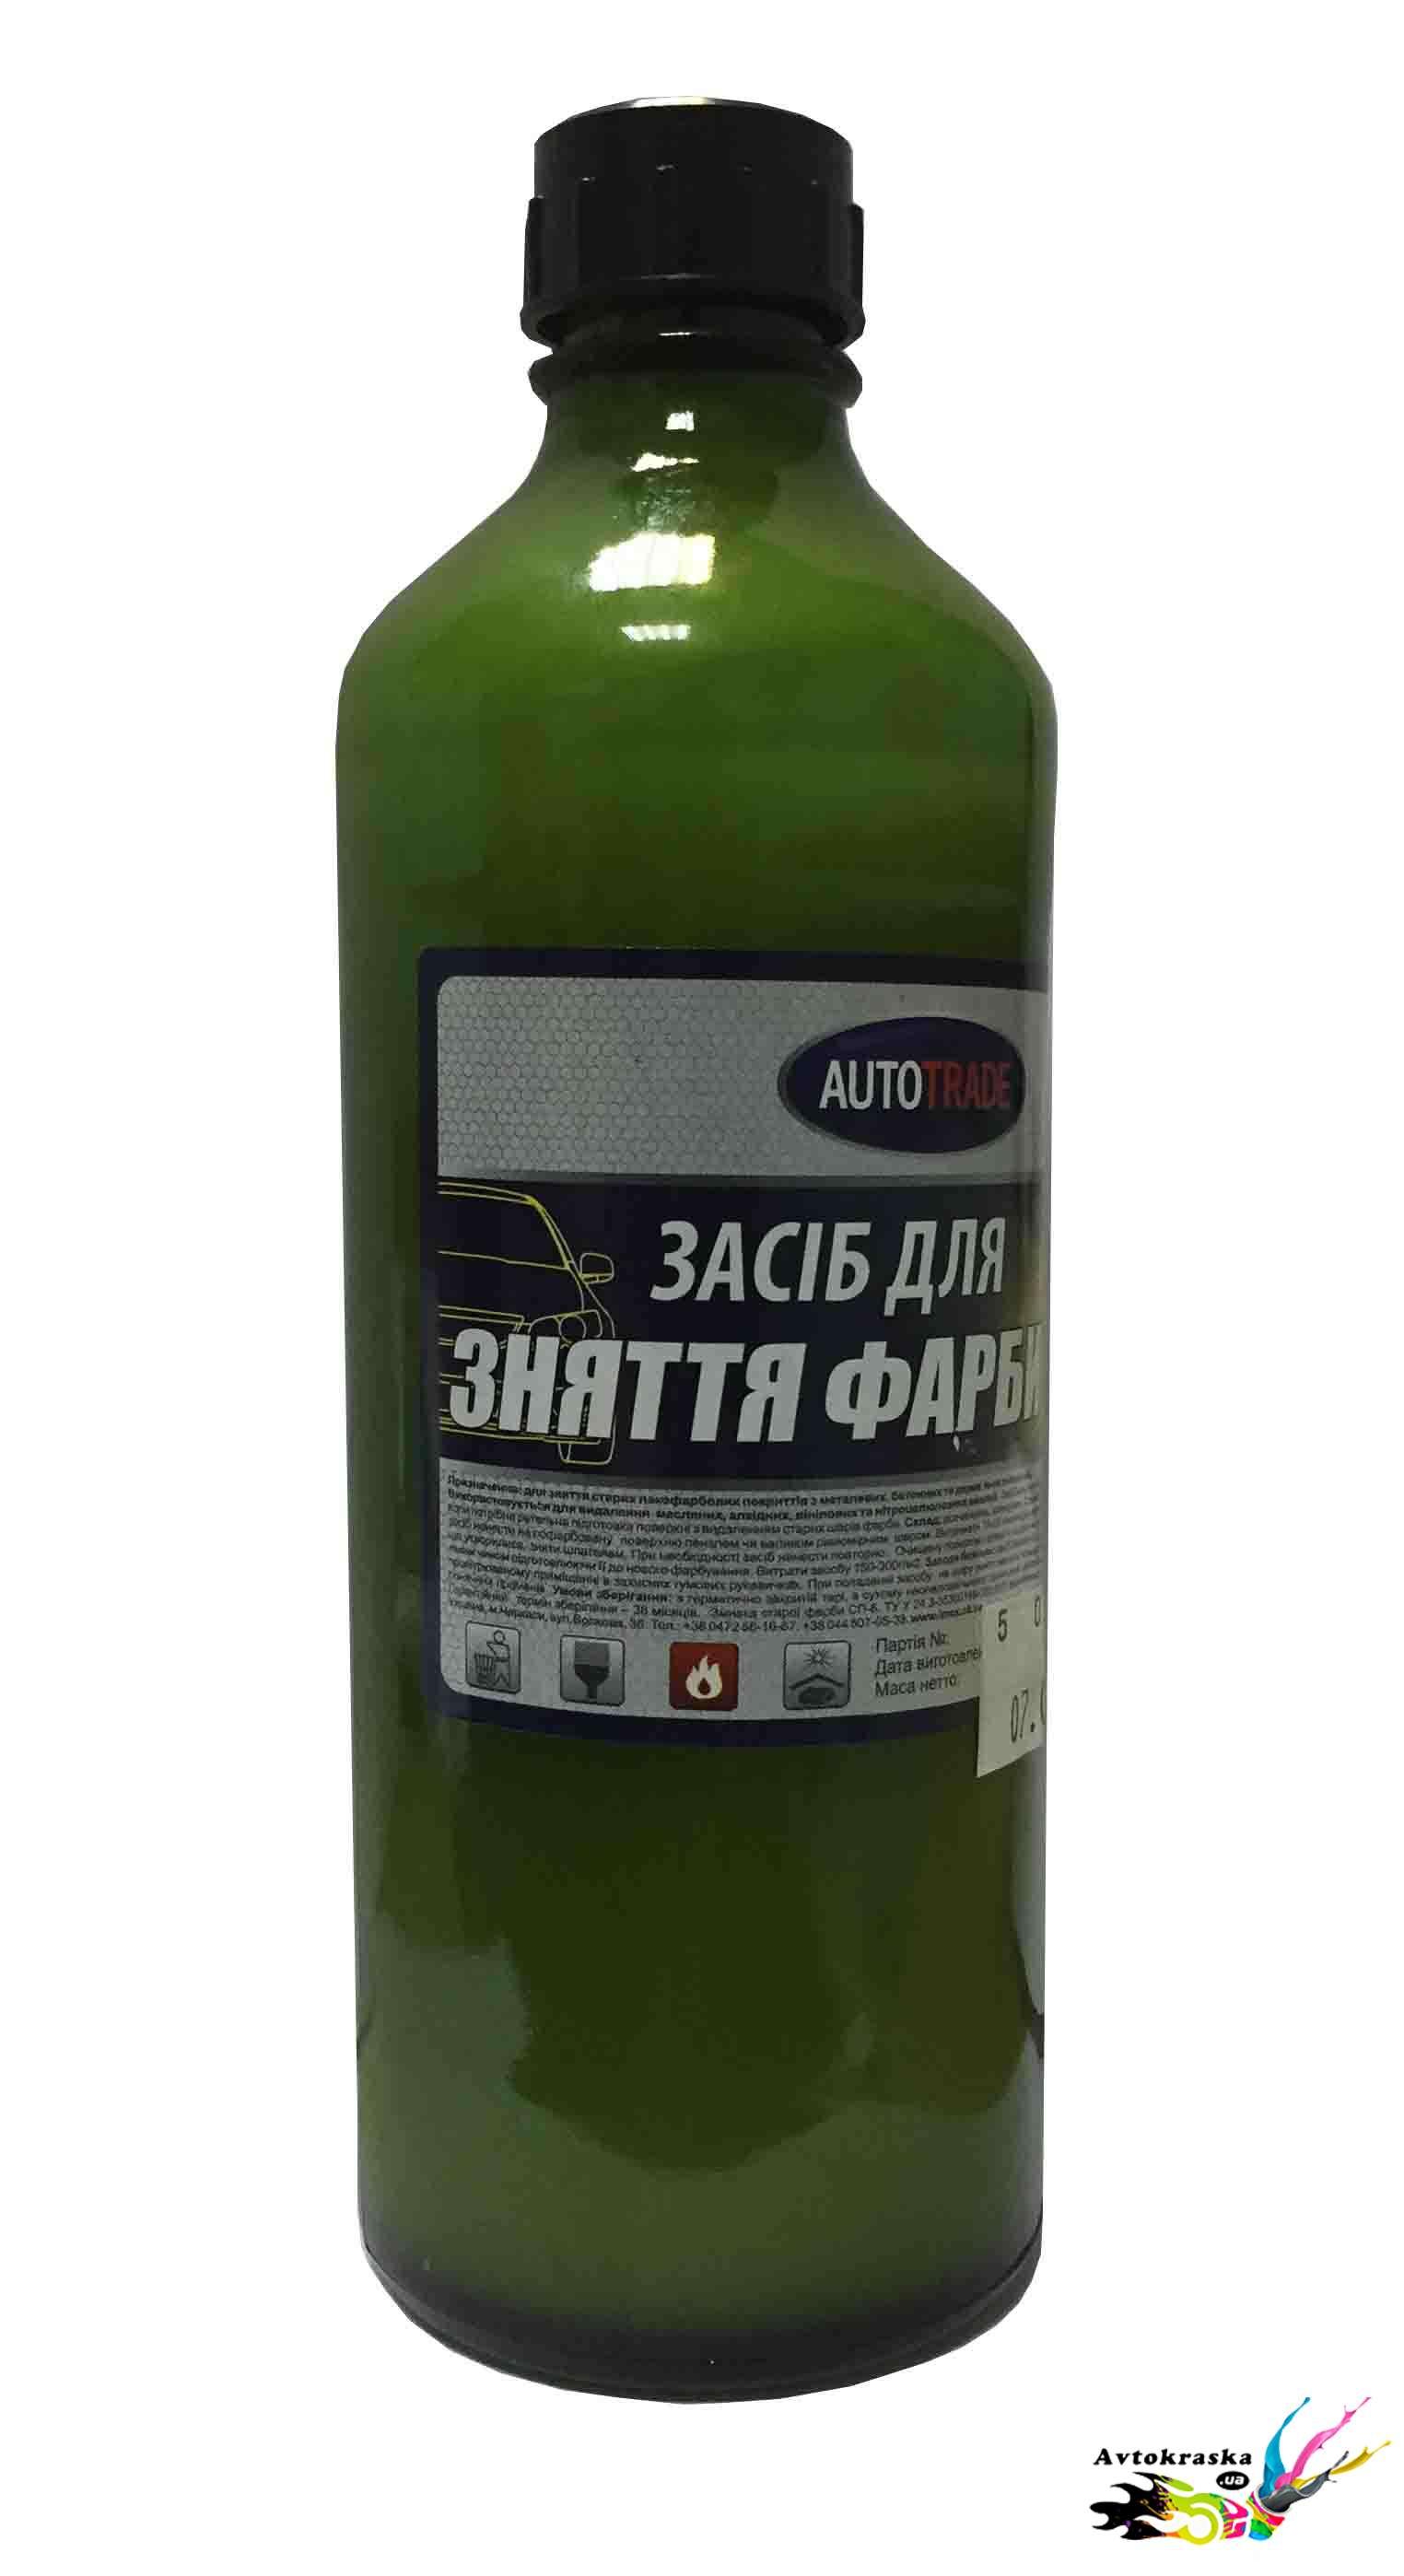 Смывка старой краски Автотрейд 0,5 кг